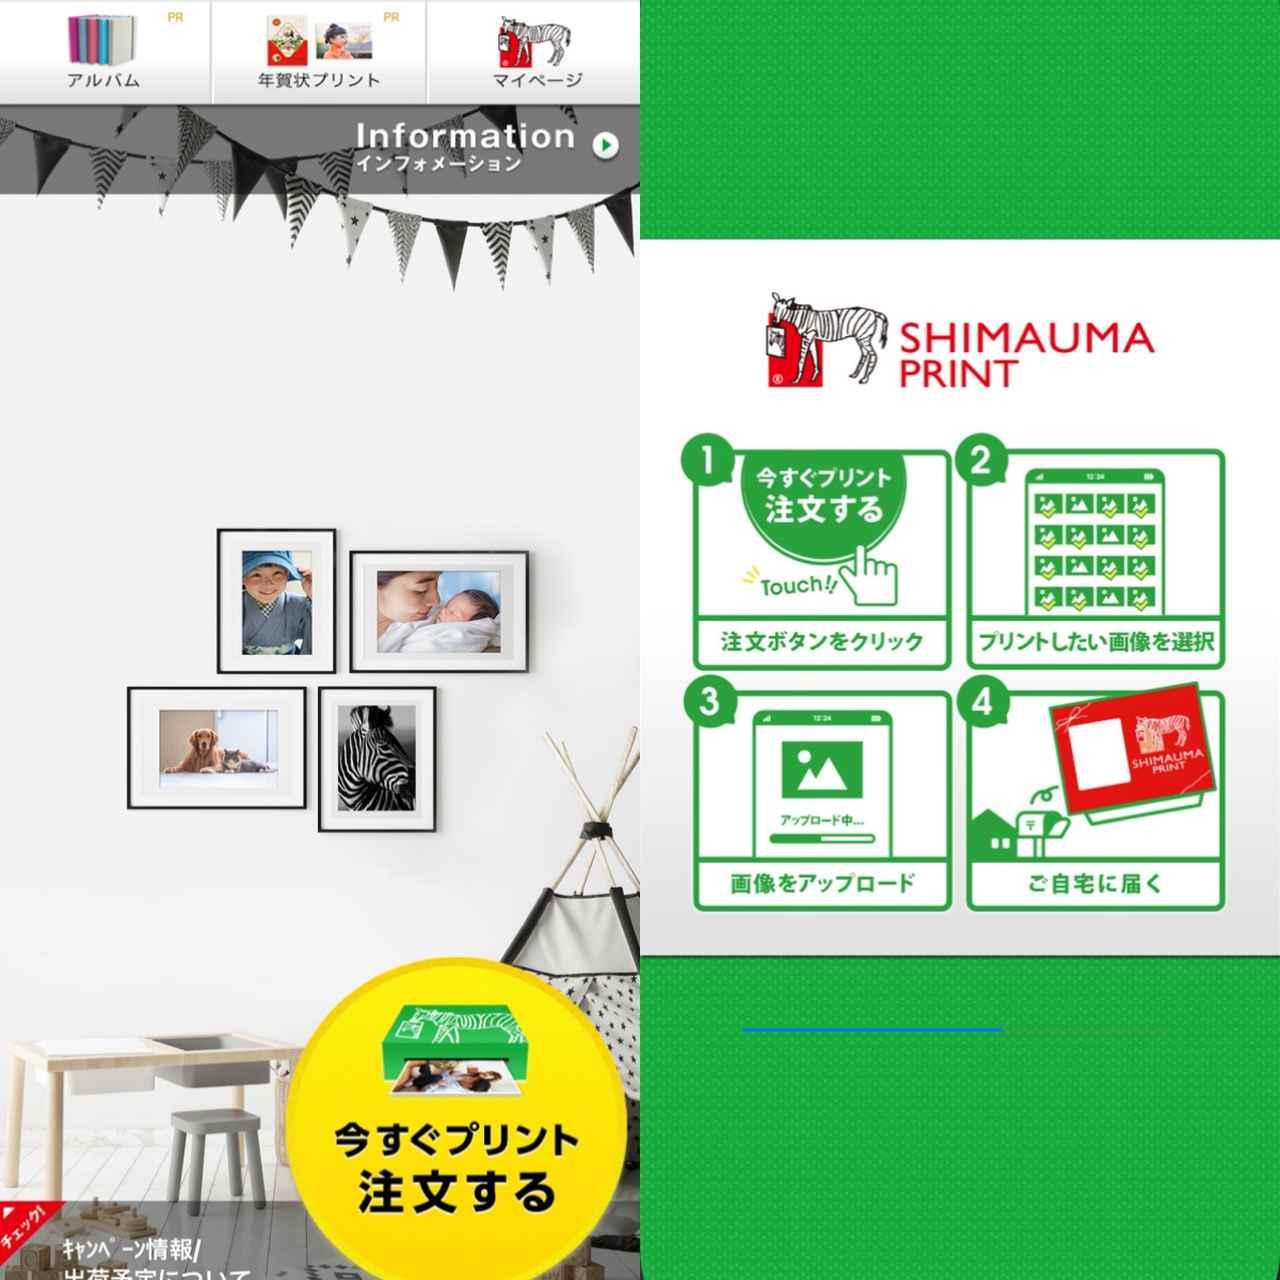 画像: 操作は3ステップ!写真を選んで情報入力するだけの簡単アプリ。